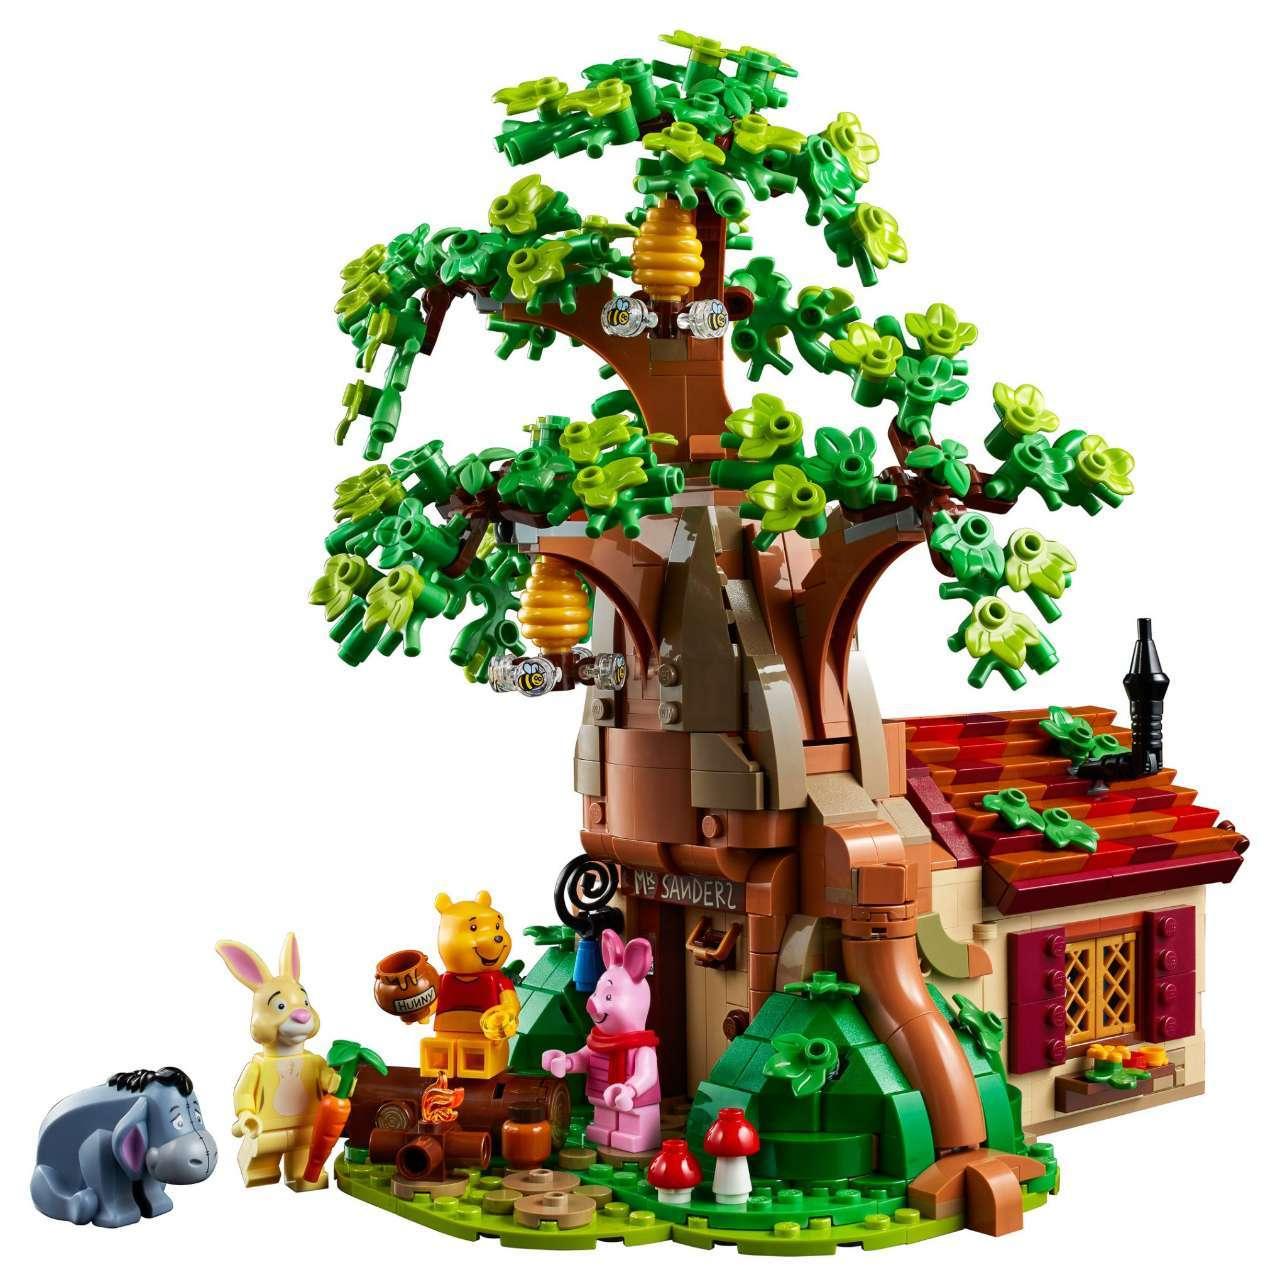 lego-ideas-winnie-the-pooh-2